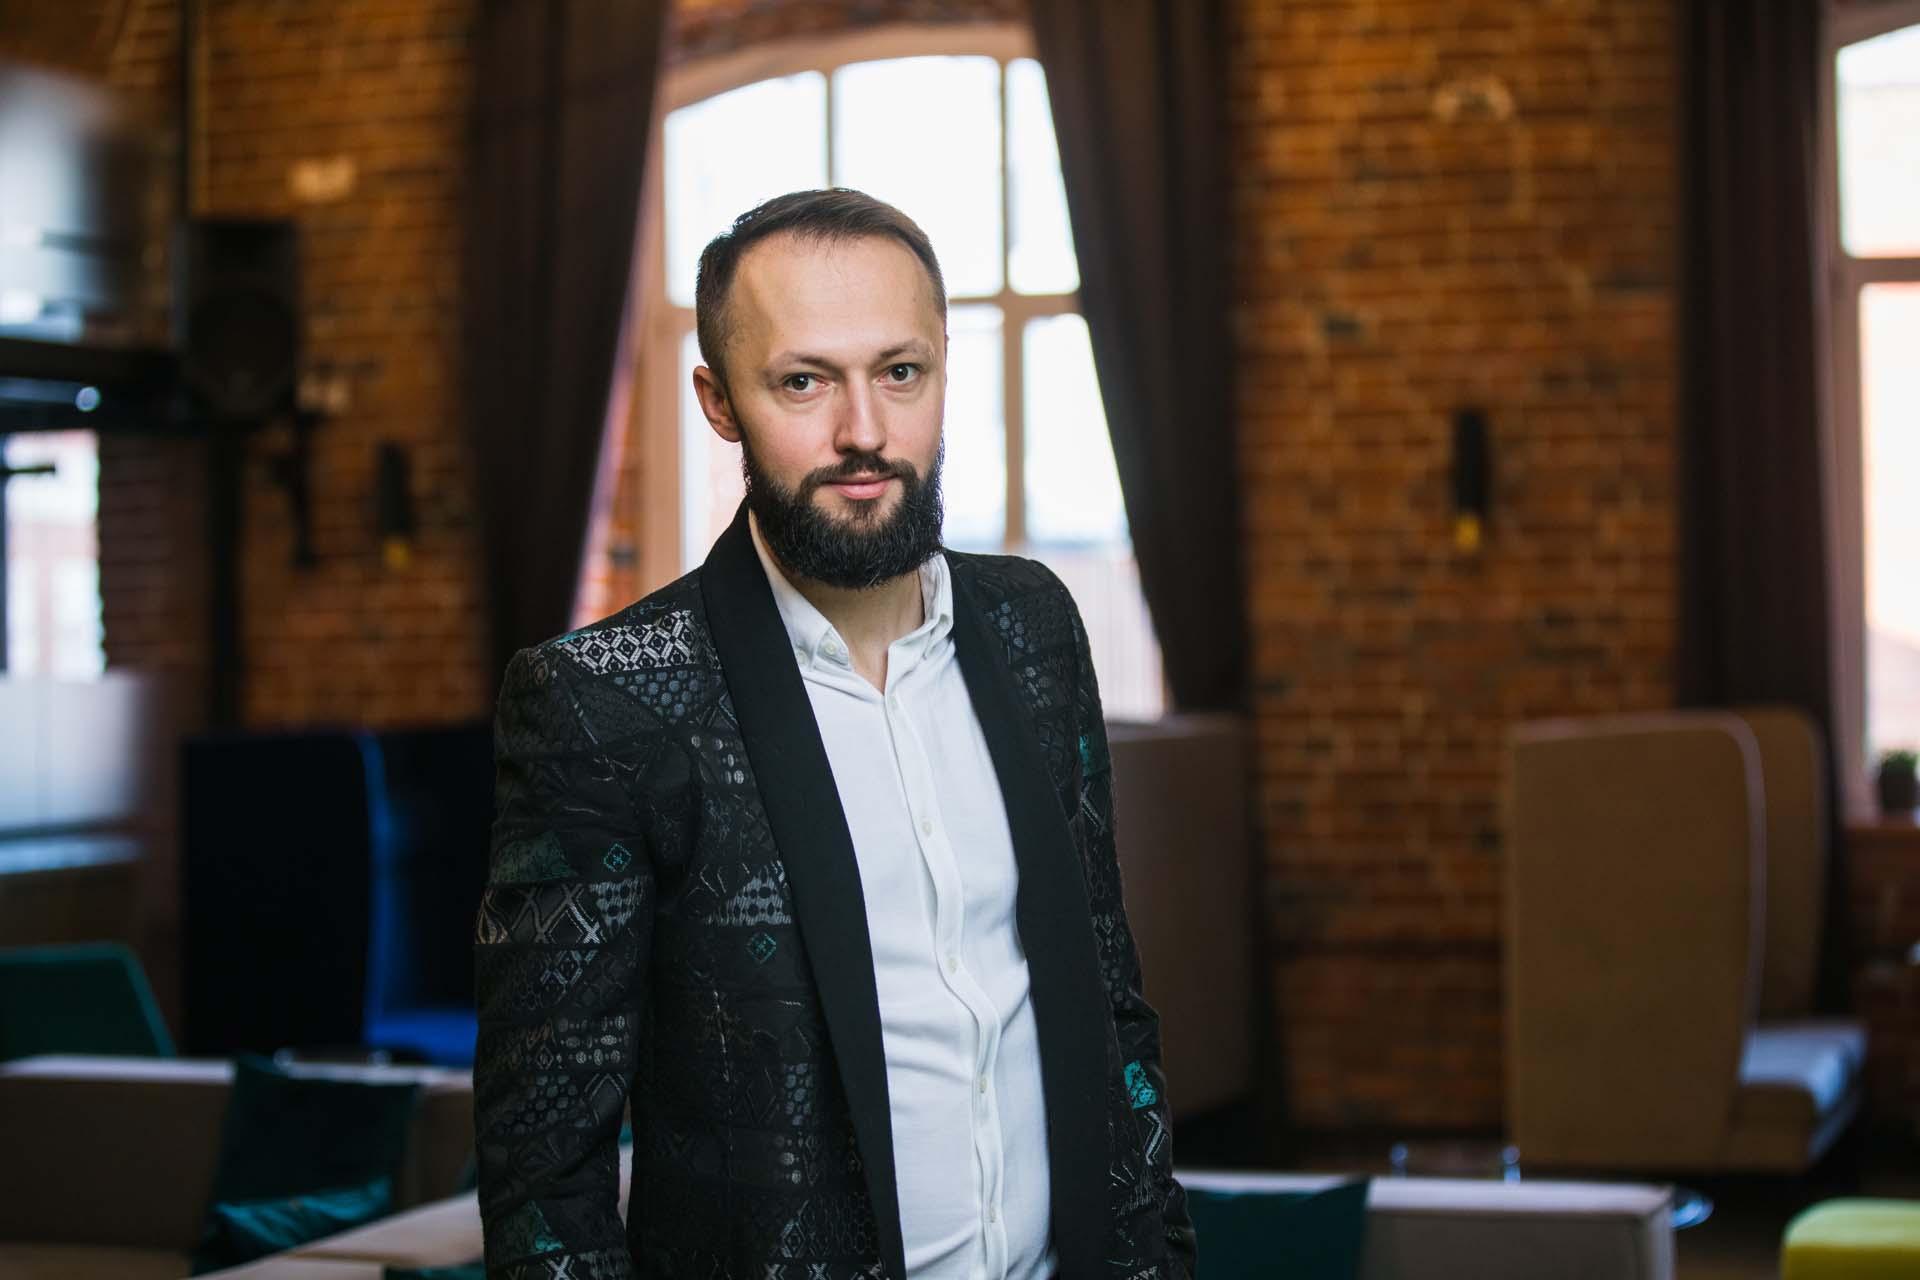 Алексей Галицкий, собственник компании по подбору персонала UP business